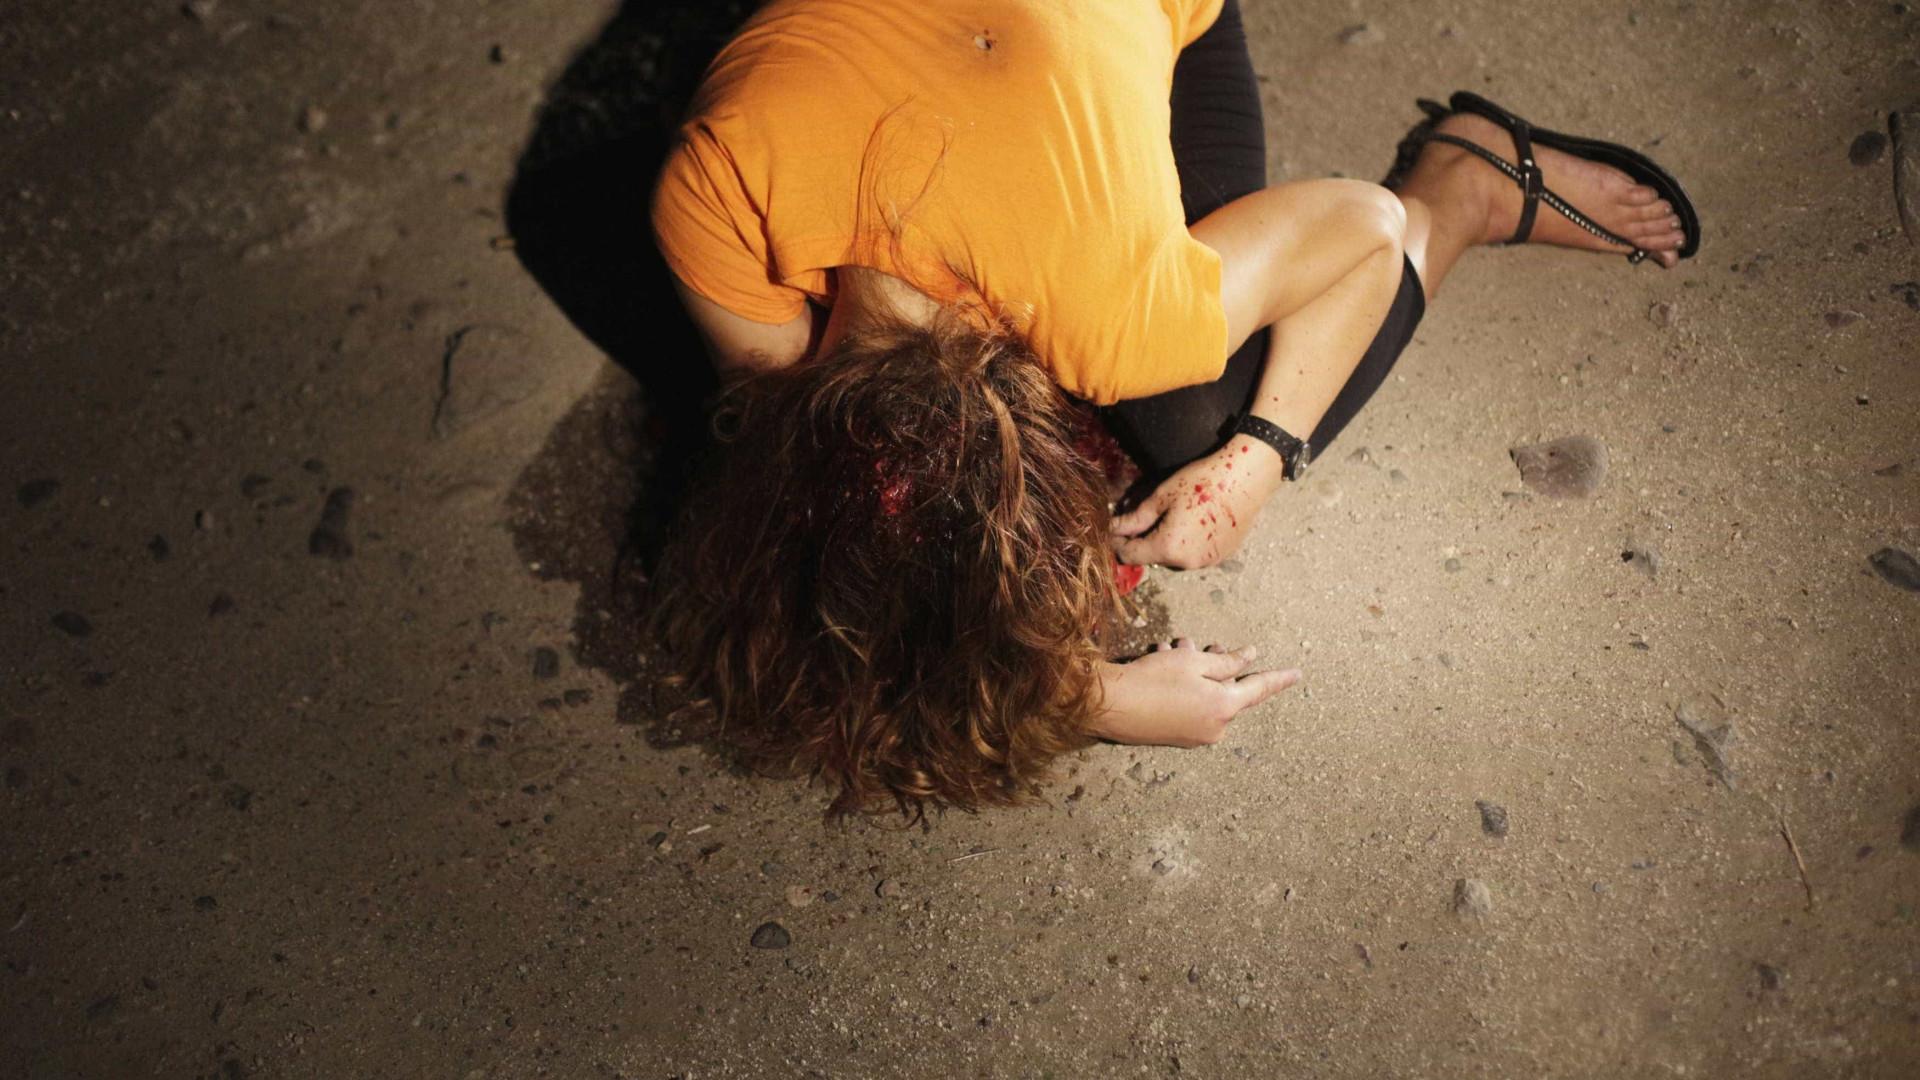 Portugal e CPLP promovem campanha sobre violência contra mulheres